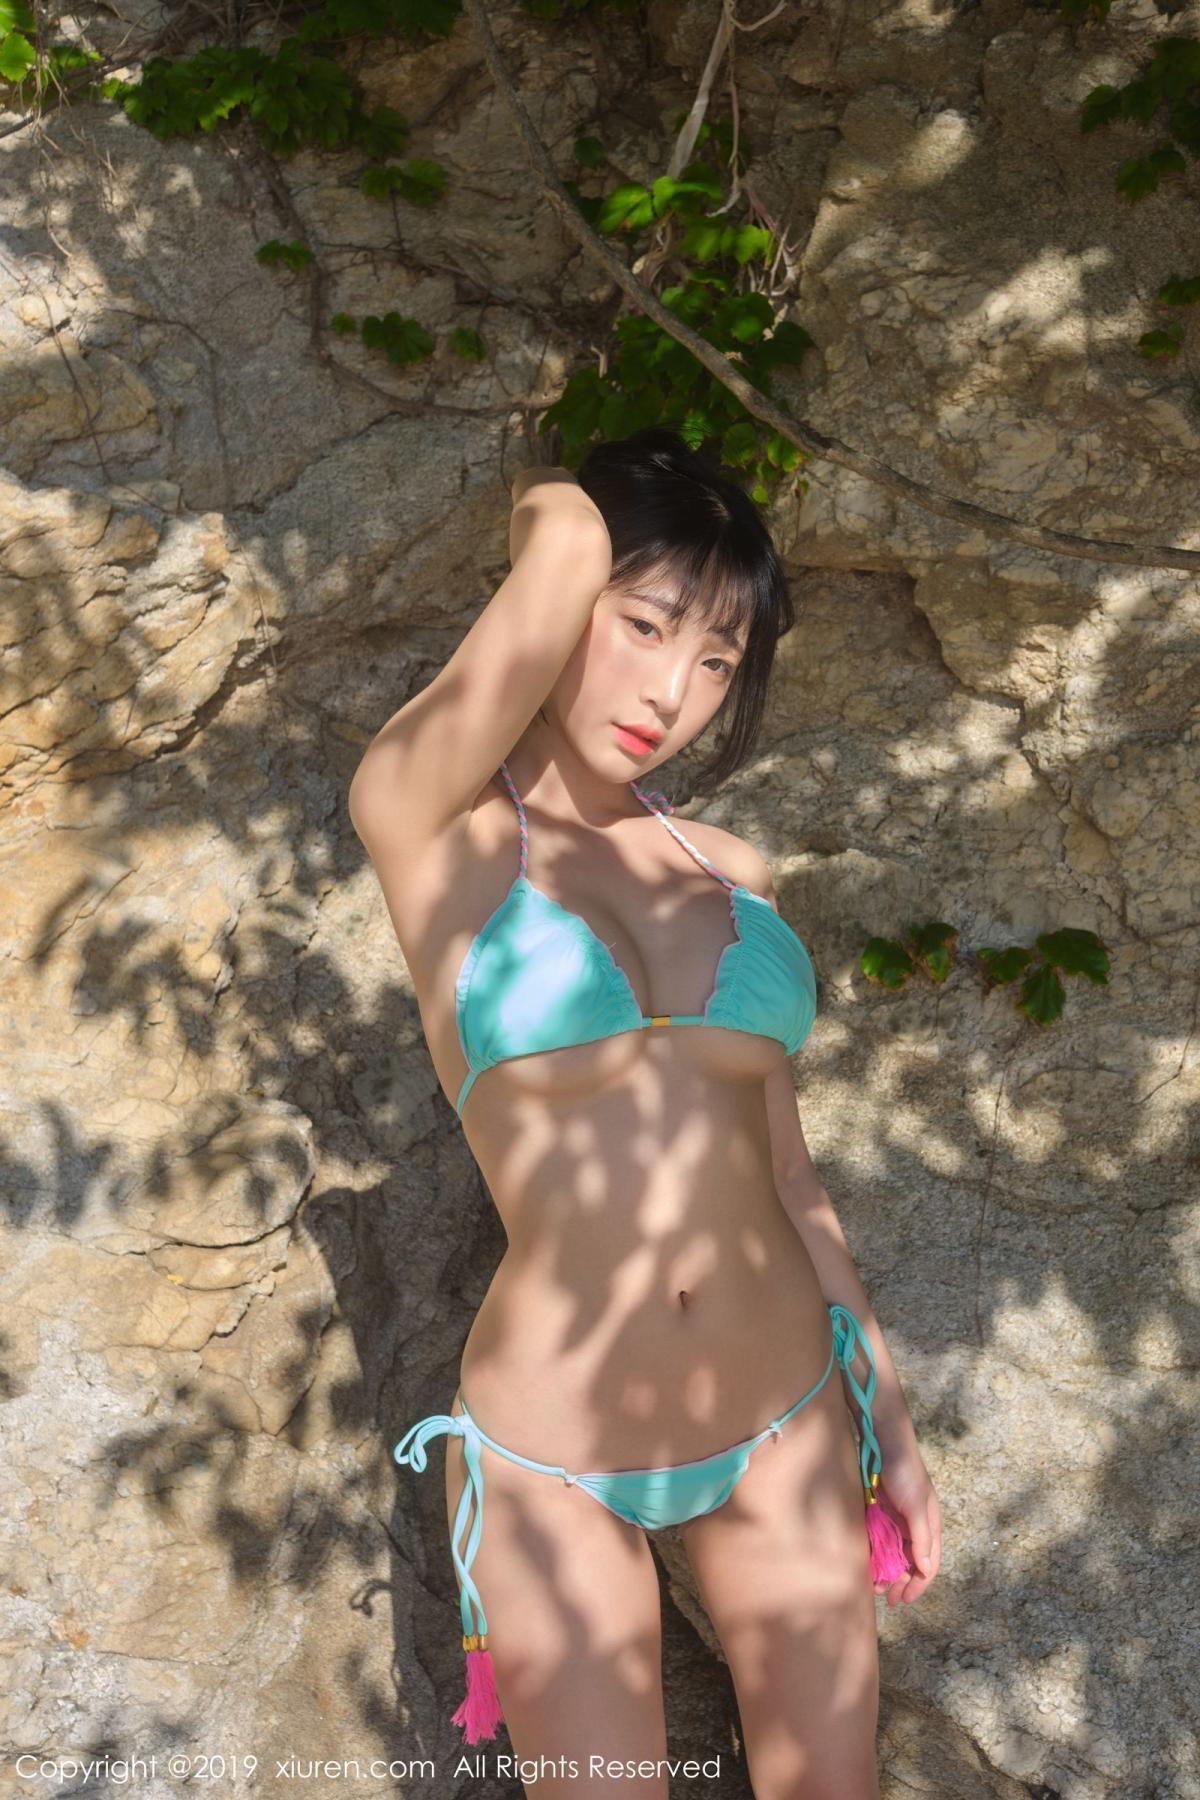 [XiuRen] Vol.1734 Model Qing Qing 35P, Bikini, Kang In Kyung, Xiuren